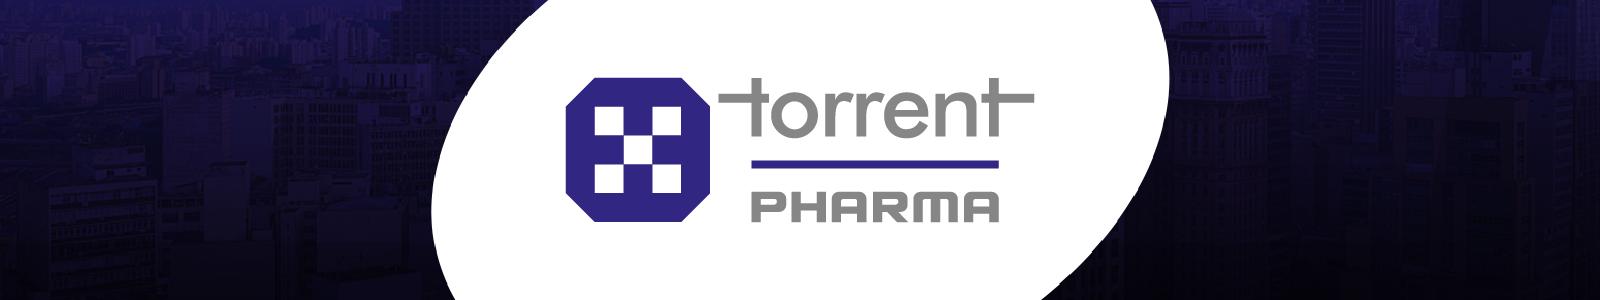 banner-torrent